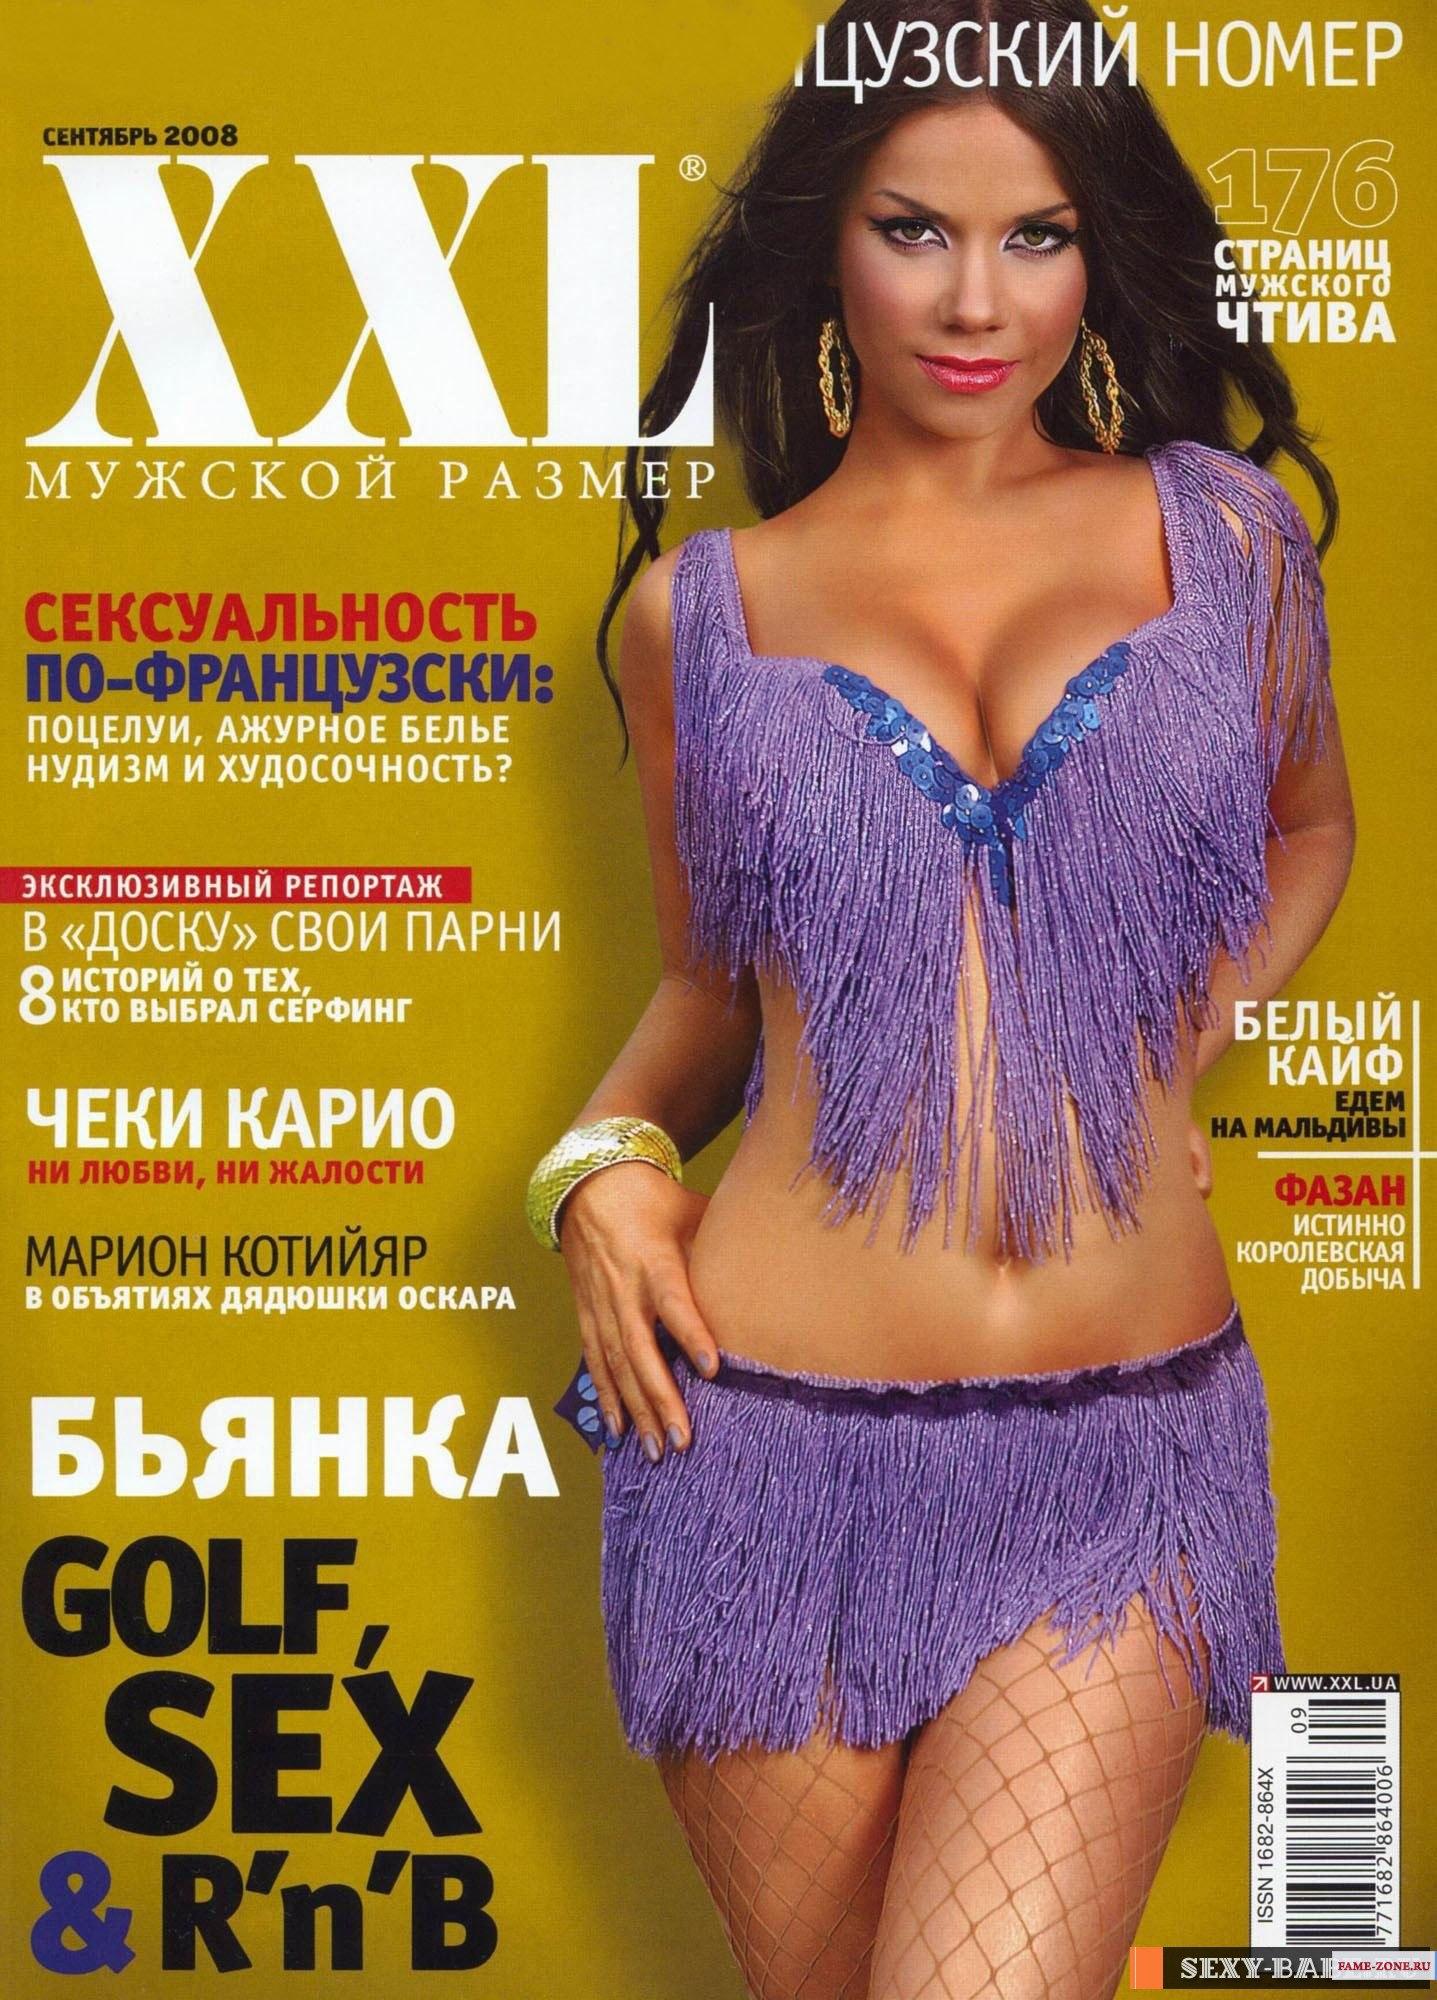 Яна гурьянова в журнале maxim 13 фотография